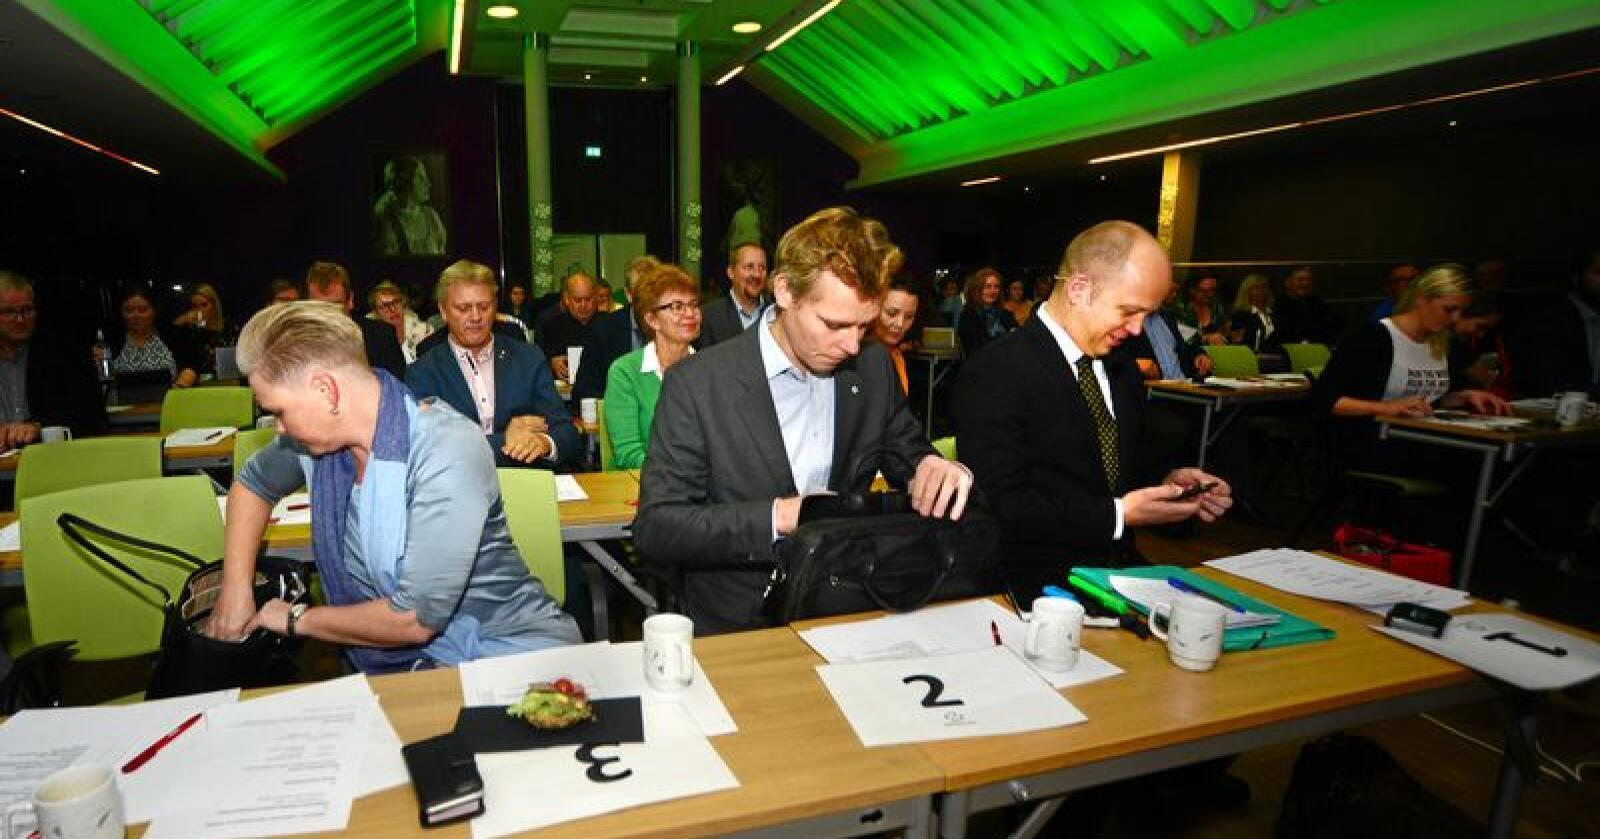 Ledelsen i Sp, Anne Beathe Tvinnerheim, Ola Borten Moe og Trygve Slagsvold Vedum, legger opp til en klimapolitikk som vil øke distriktenes utfordringer. Foto: Siri Juell Rasmussen